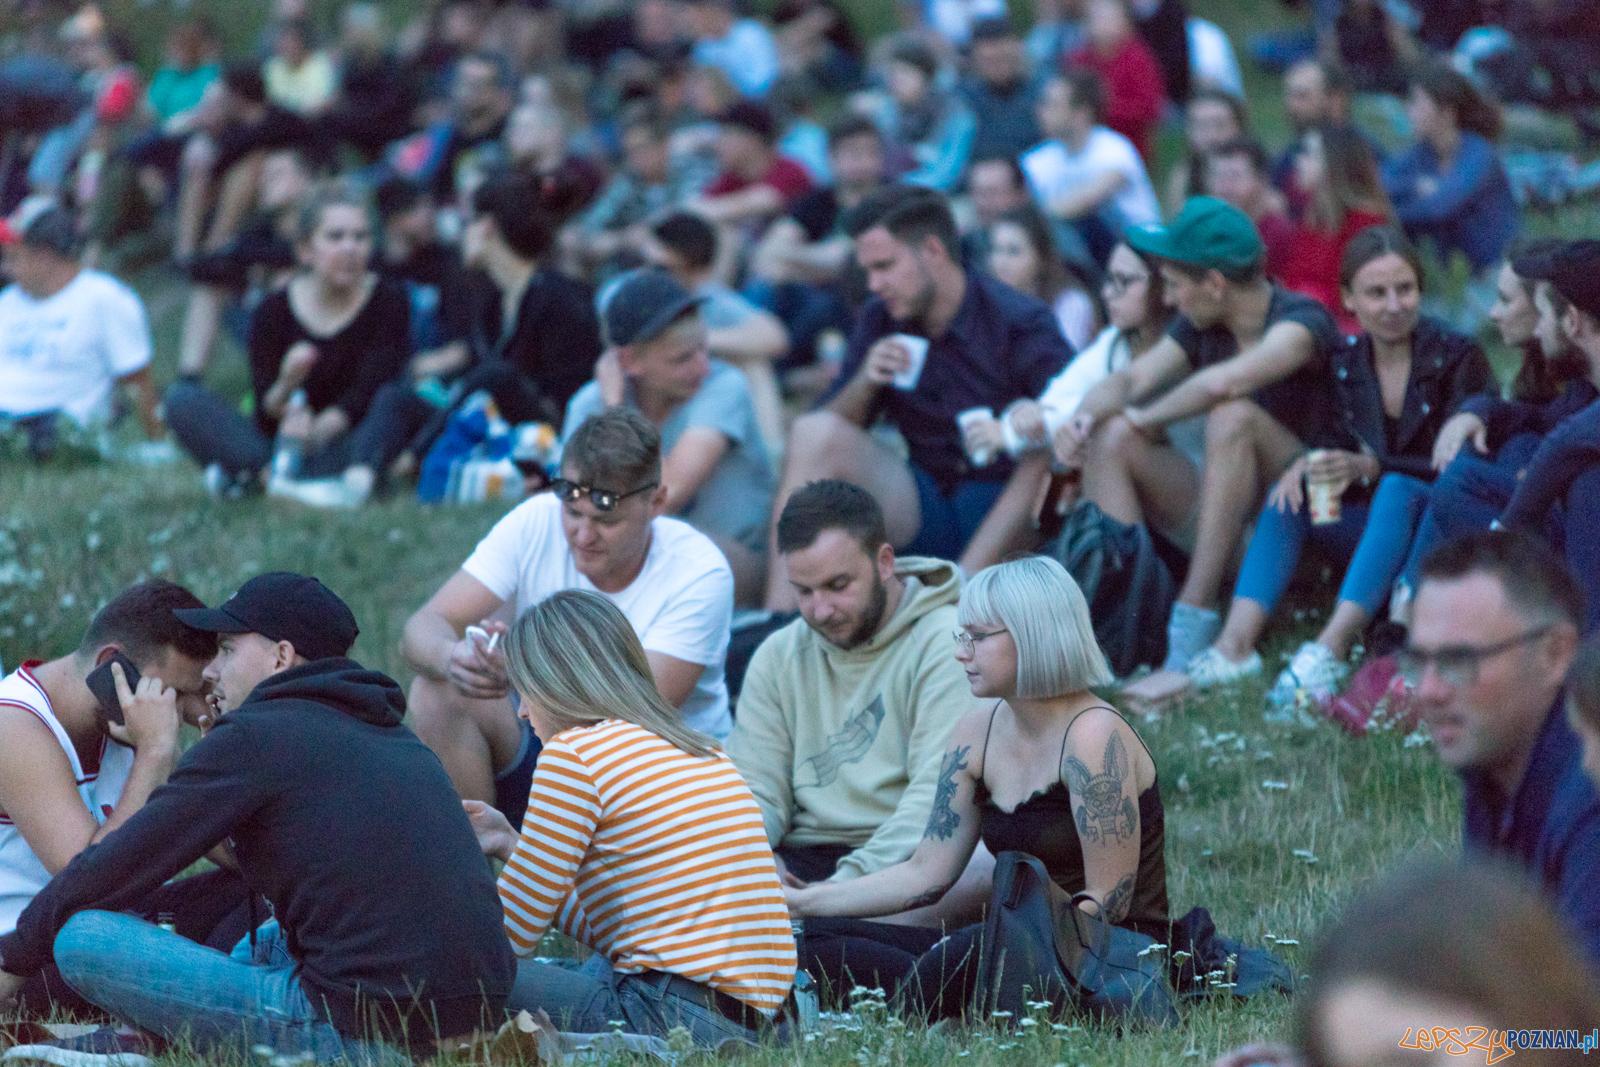 NaFalach - Rasmentalism  Foto: lepszyPOZNAN.pl/Piotr Rychter